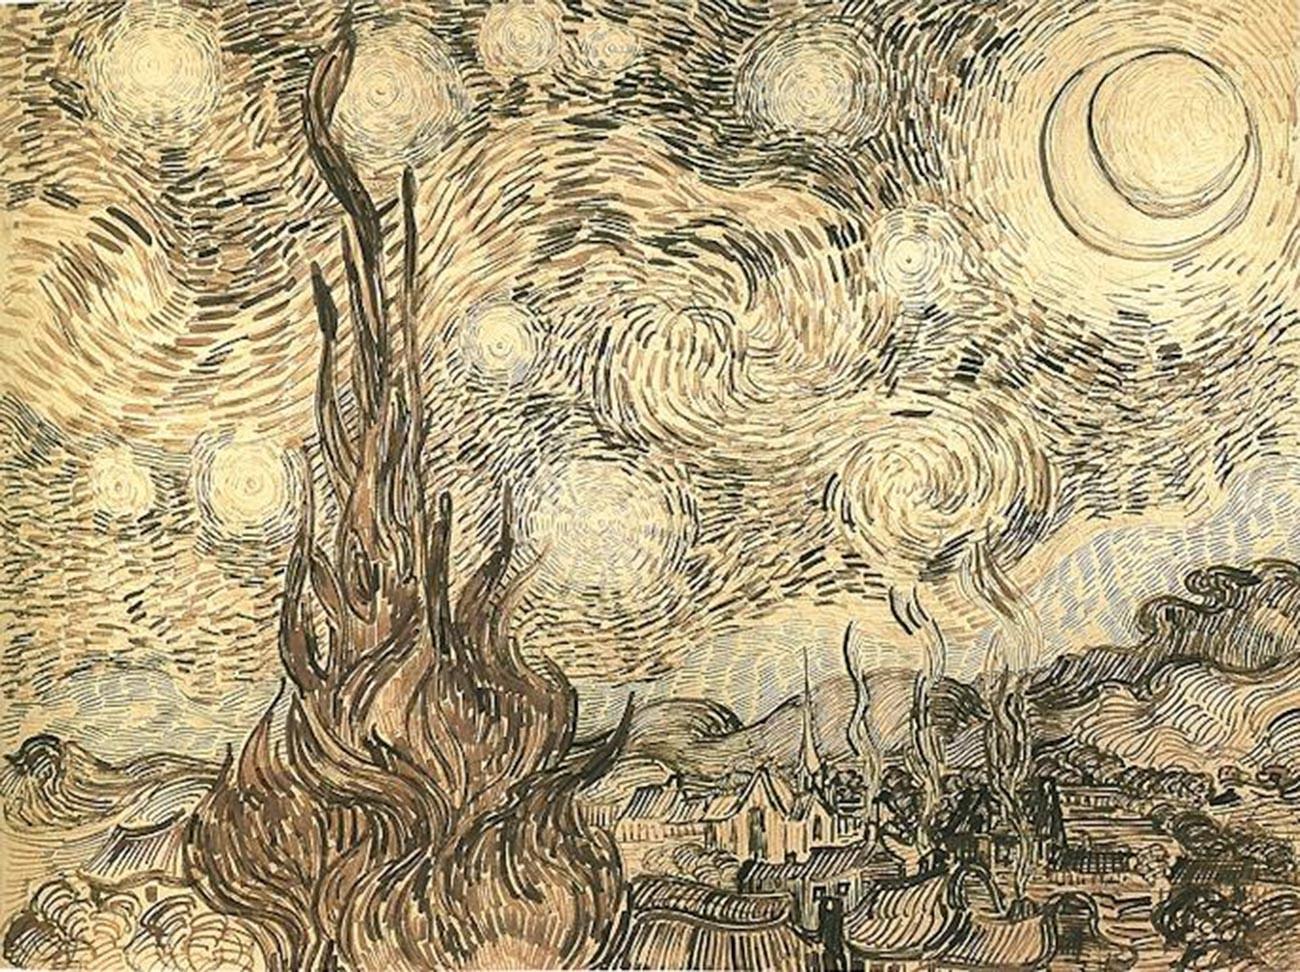 『星月夜』、ファン・ゴッホ